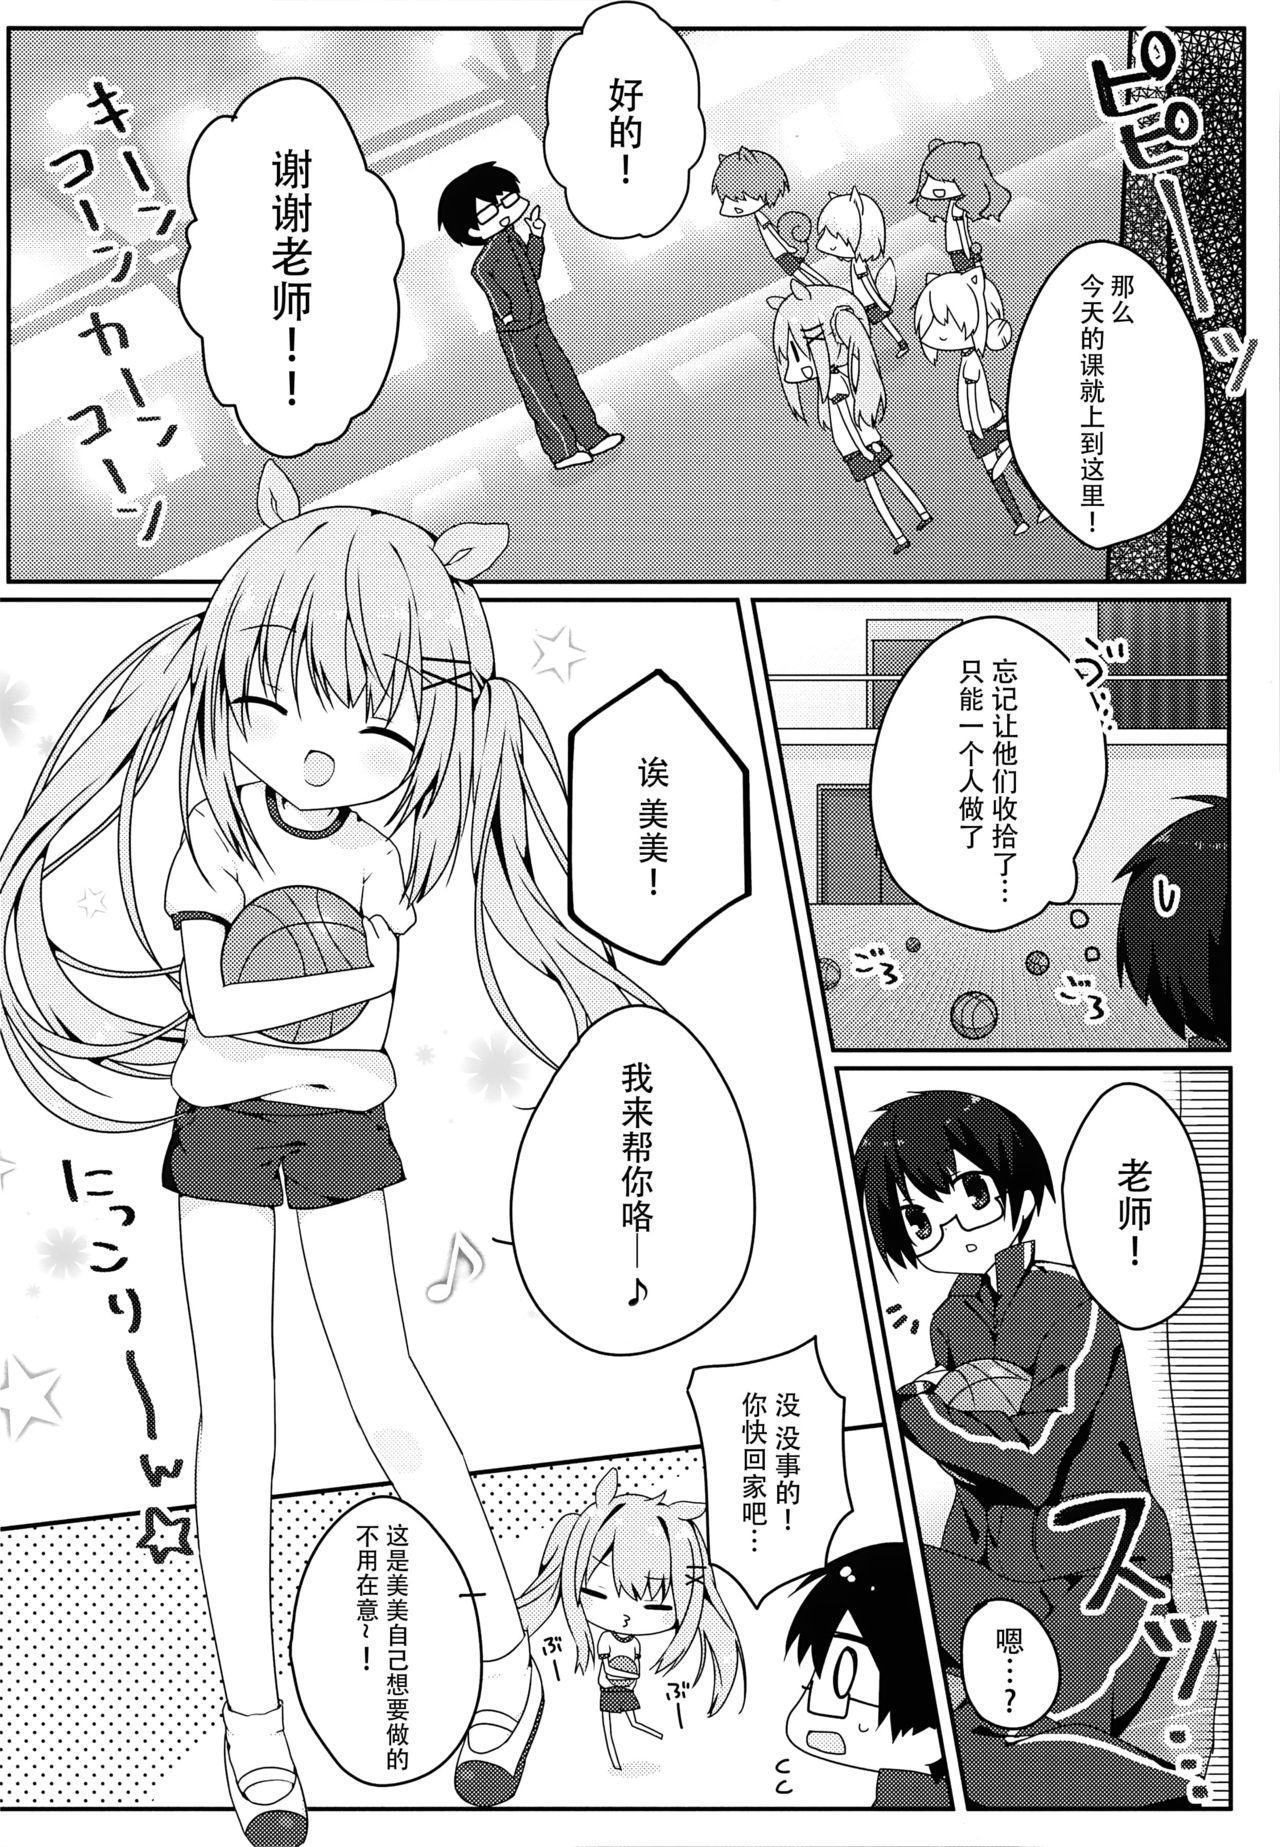 Mimi-chan no Mero x2 Keikaku 5